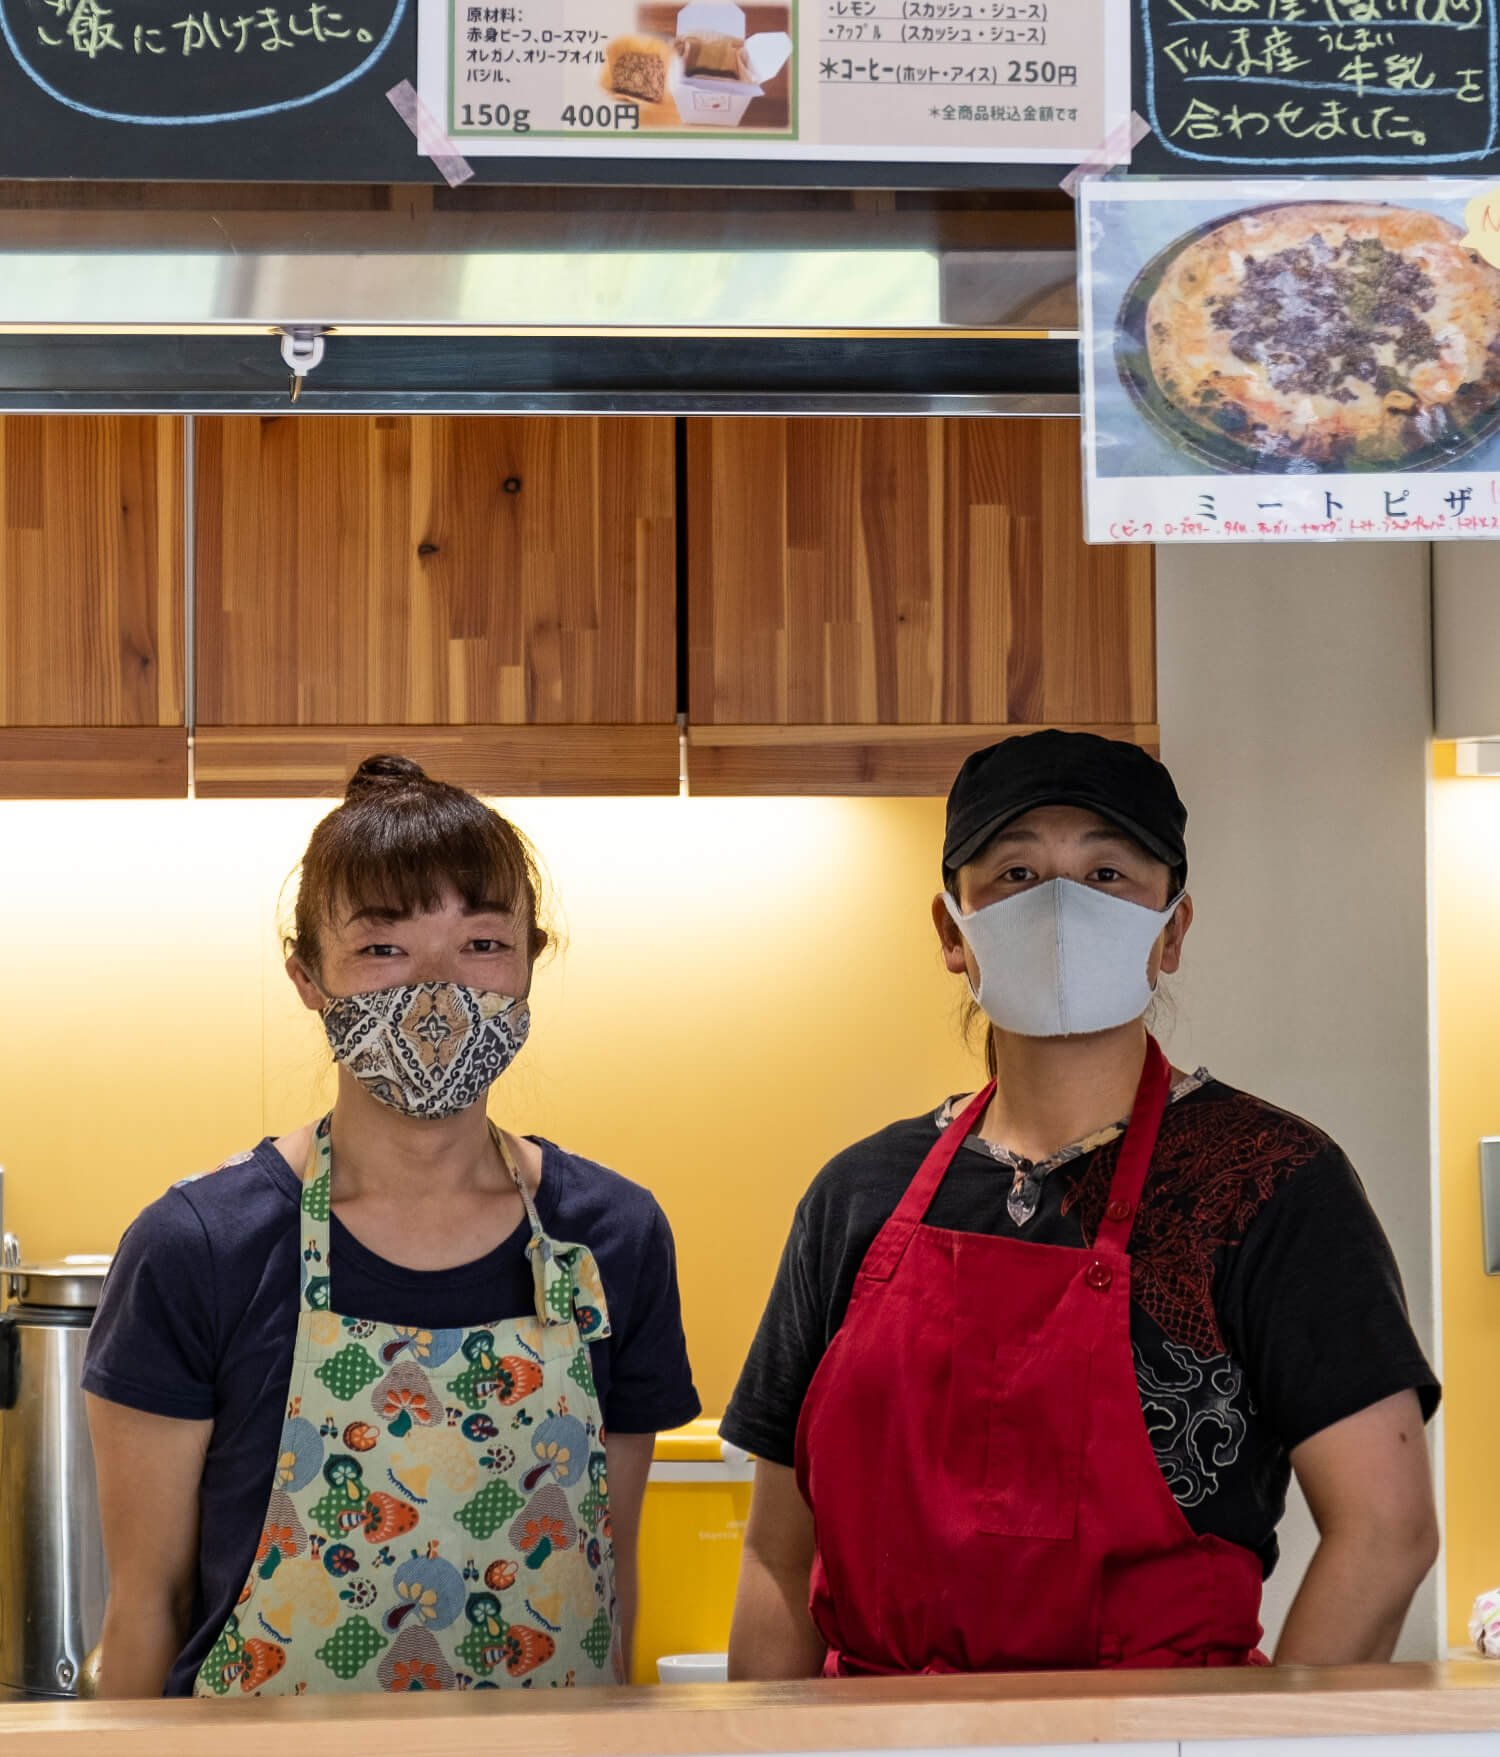 訪問日の当番店「よしのんち」店長で片品村在住の主婦・吉野知己さん(右)とスタッフ。